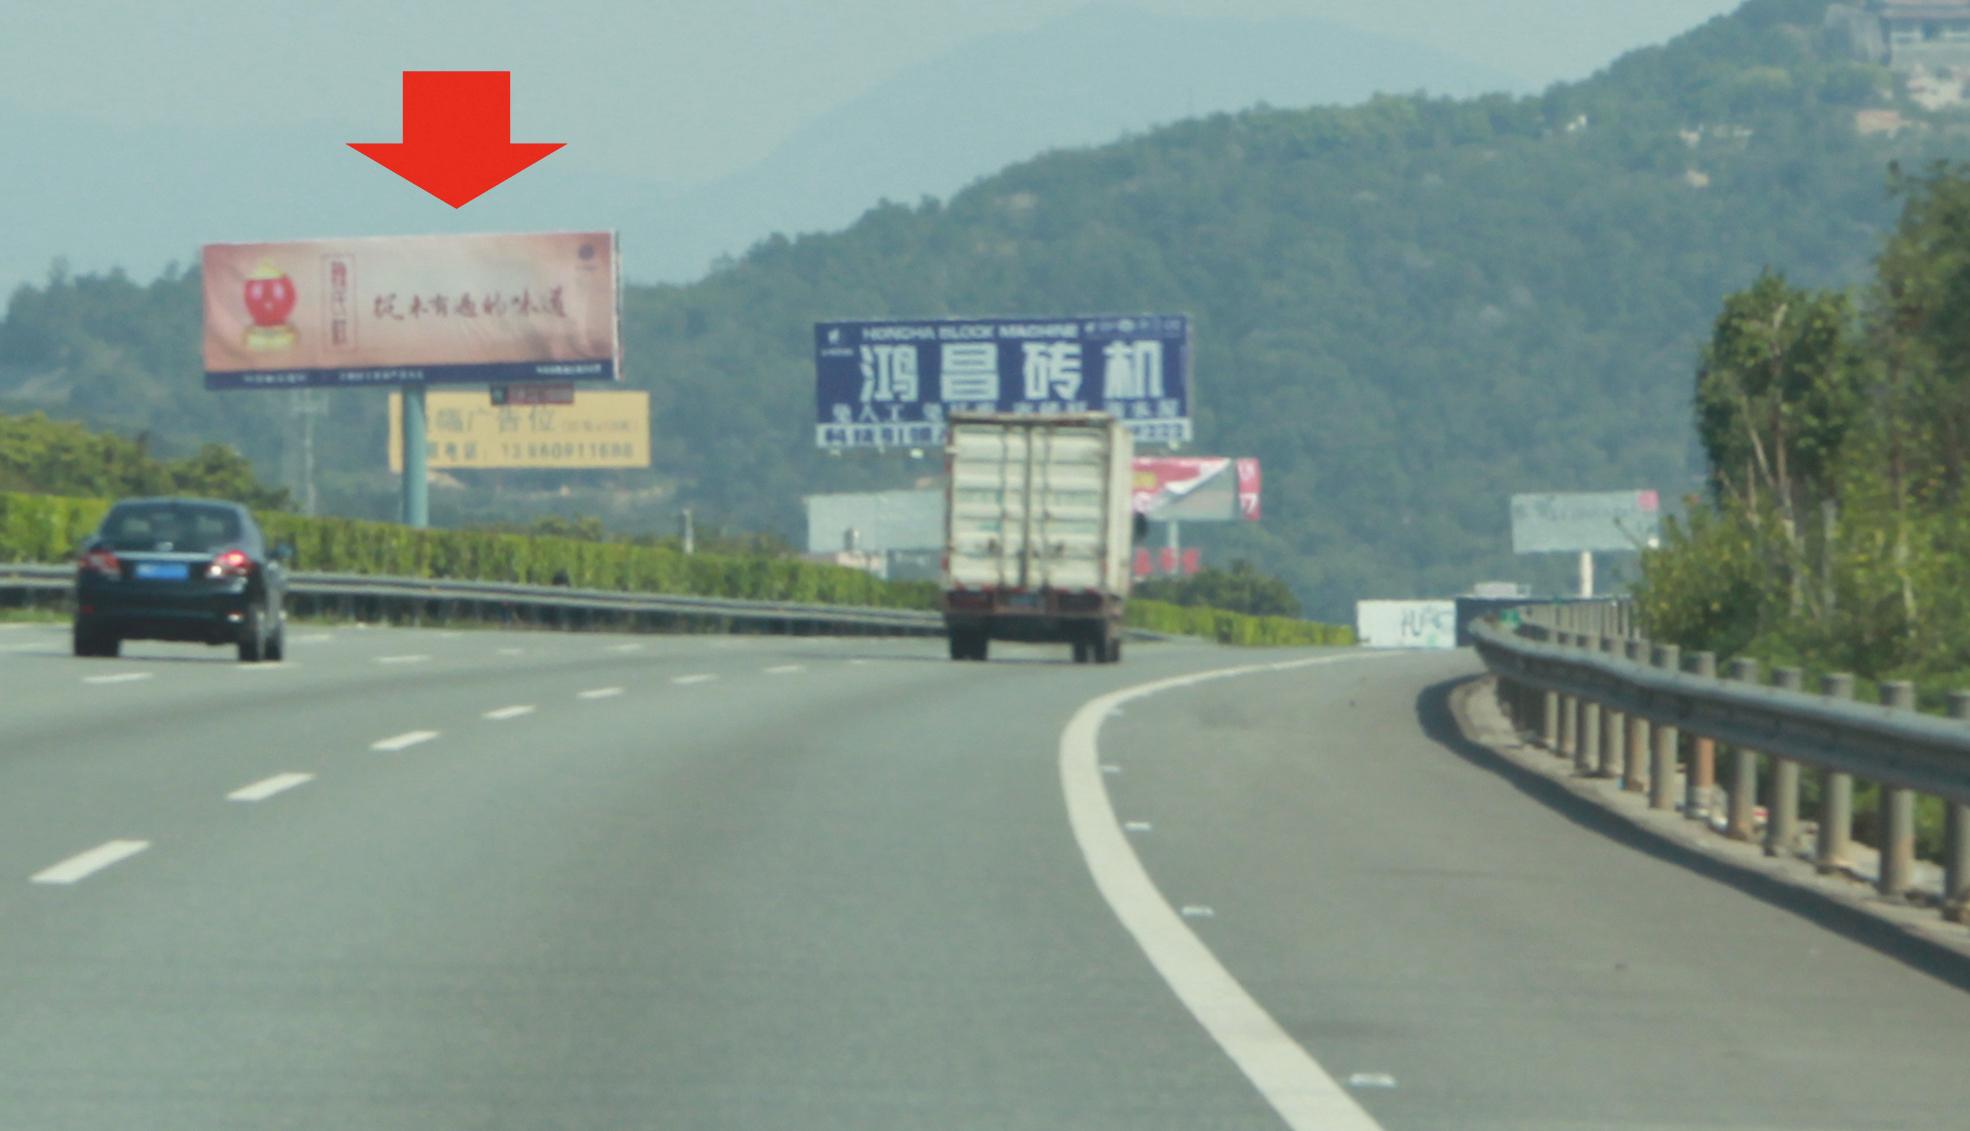 泉港段【福泉高速(350)2193K+600m-A道】